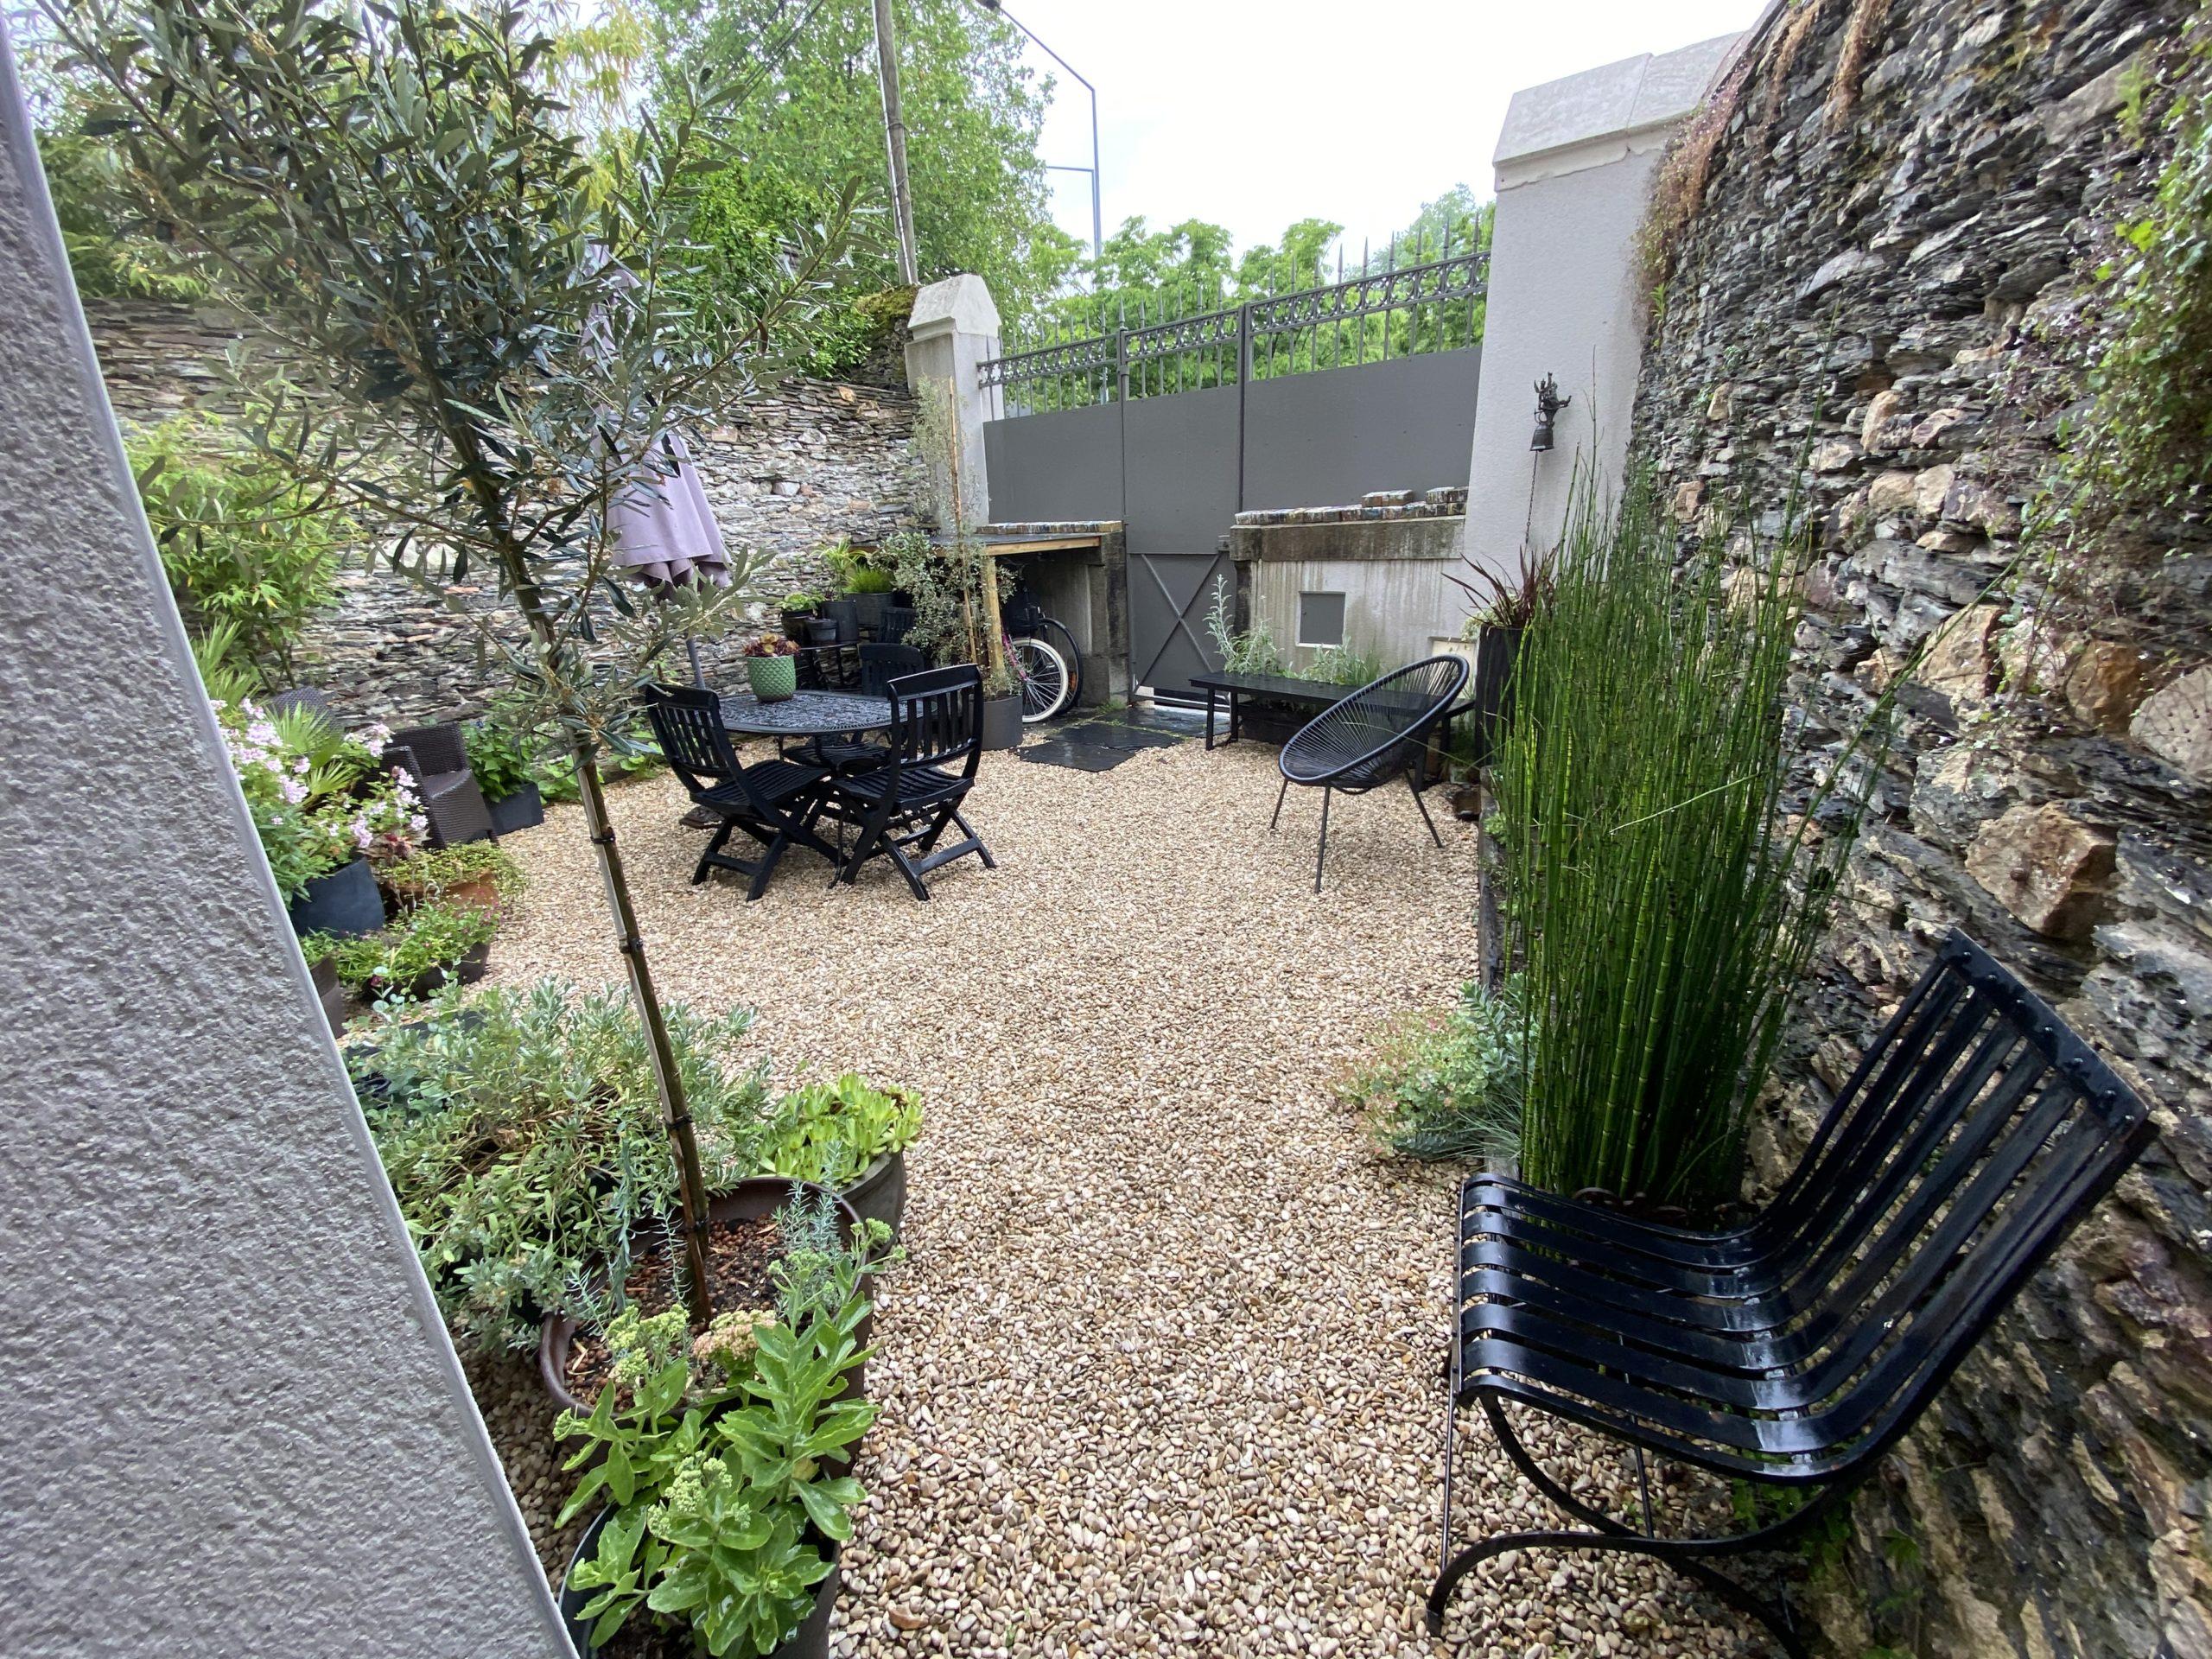 Maison angevine fin XIXe avec patio et cour intérieure – Quartier NEY – ANGERS 49100